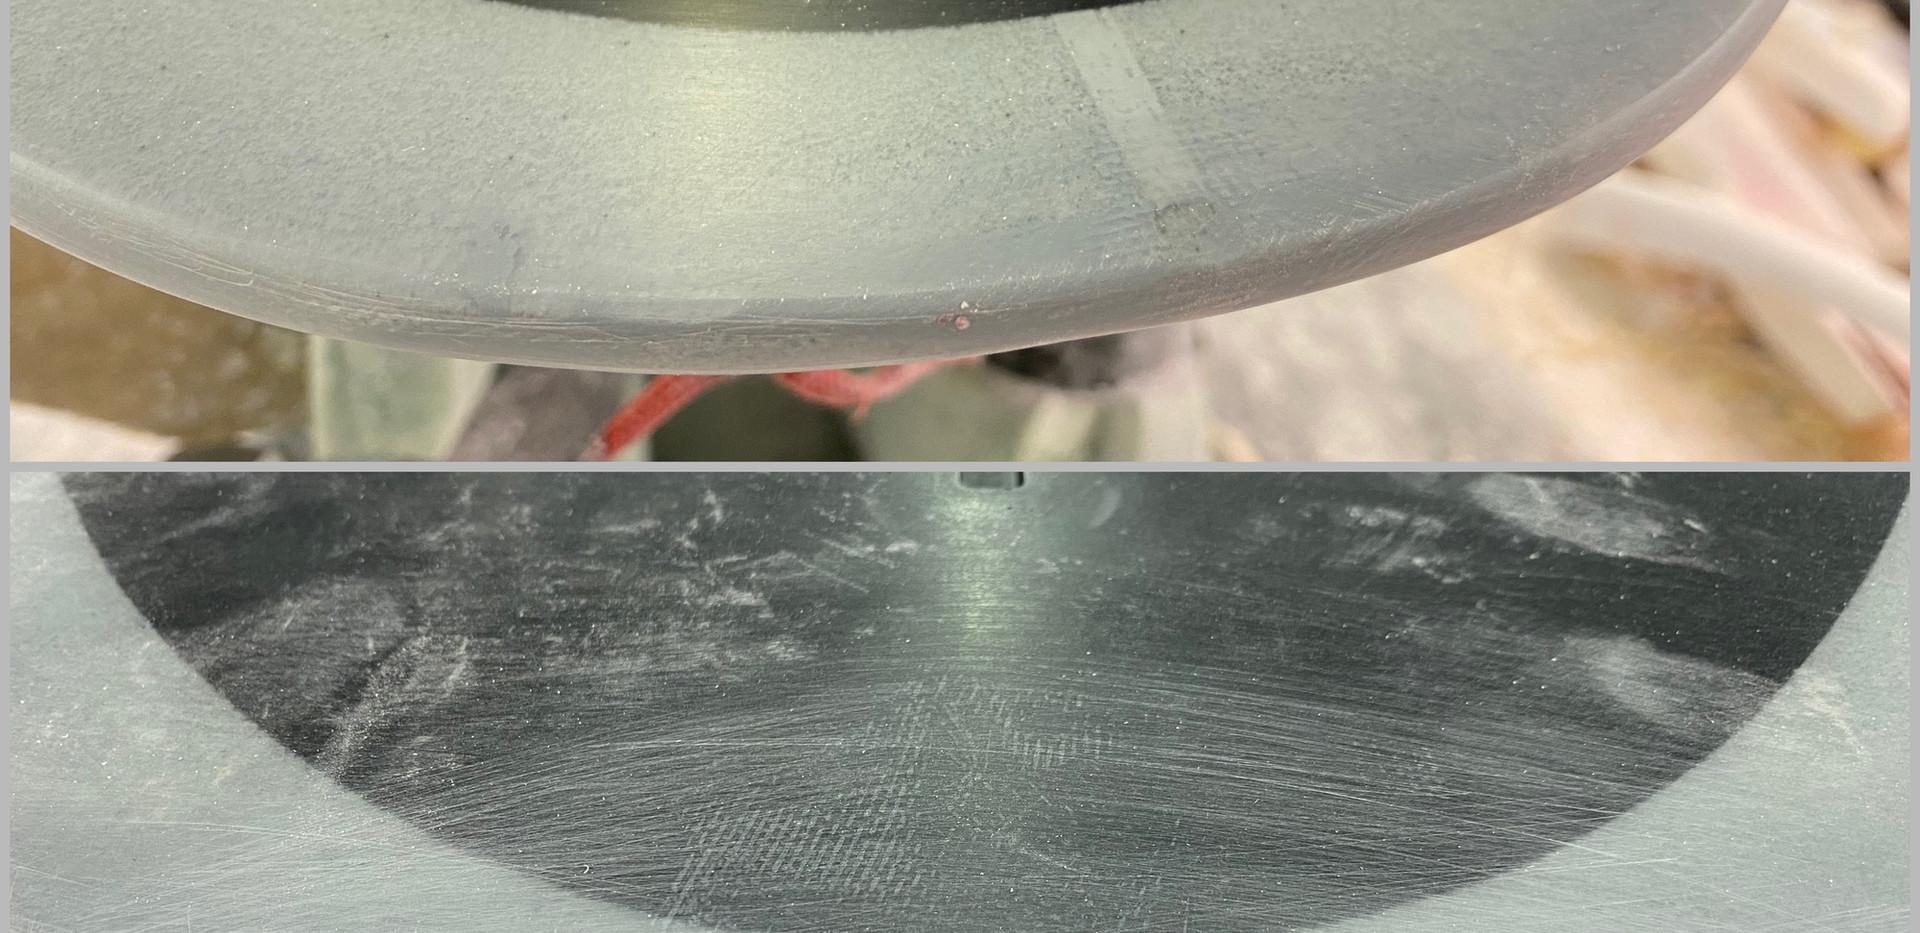 Tail repair